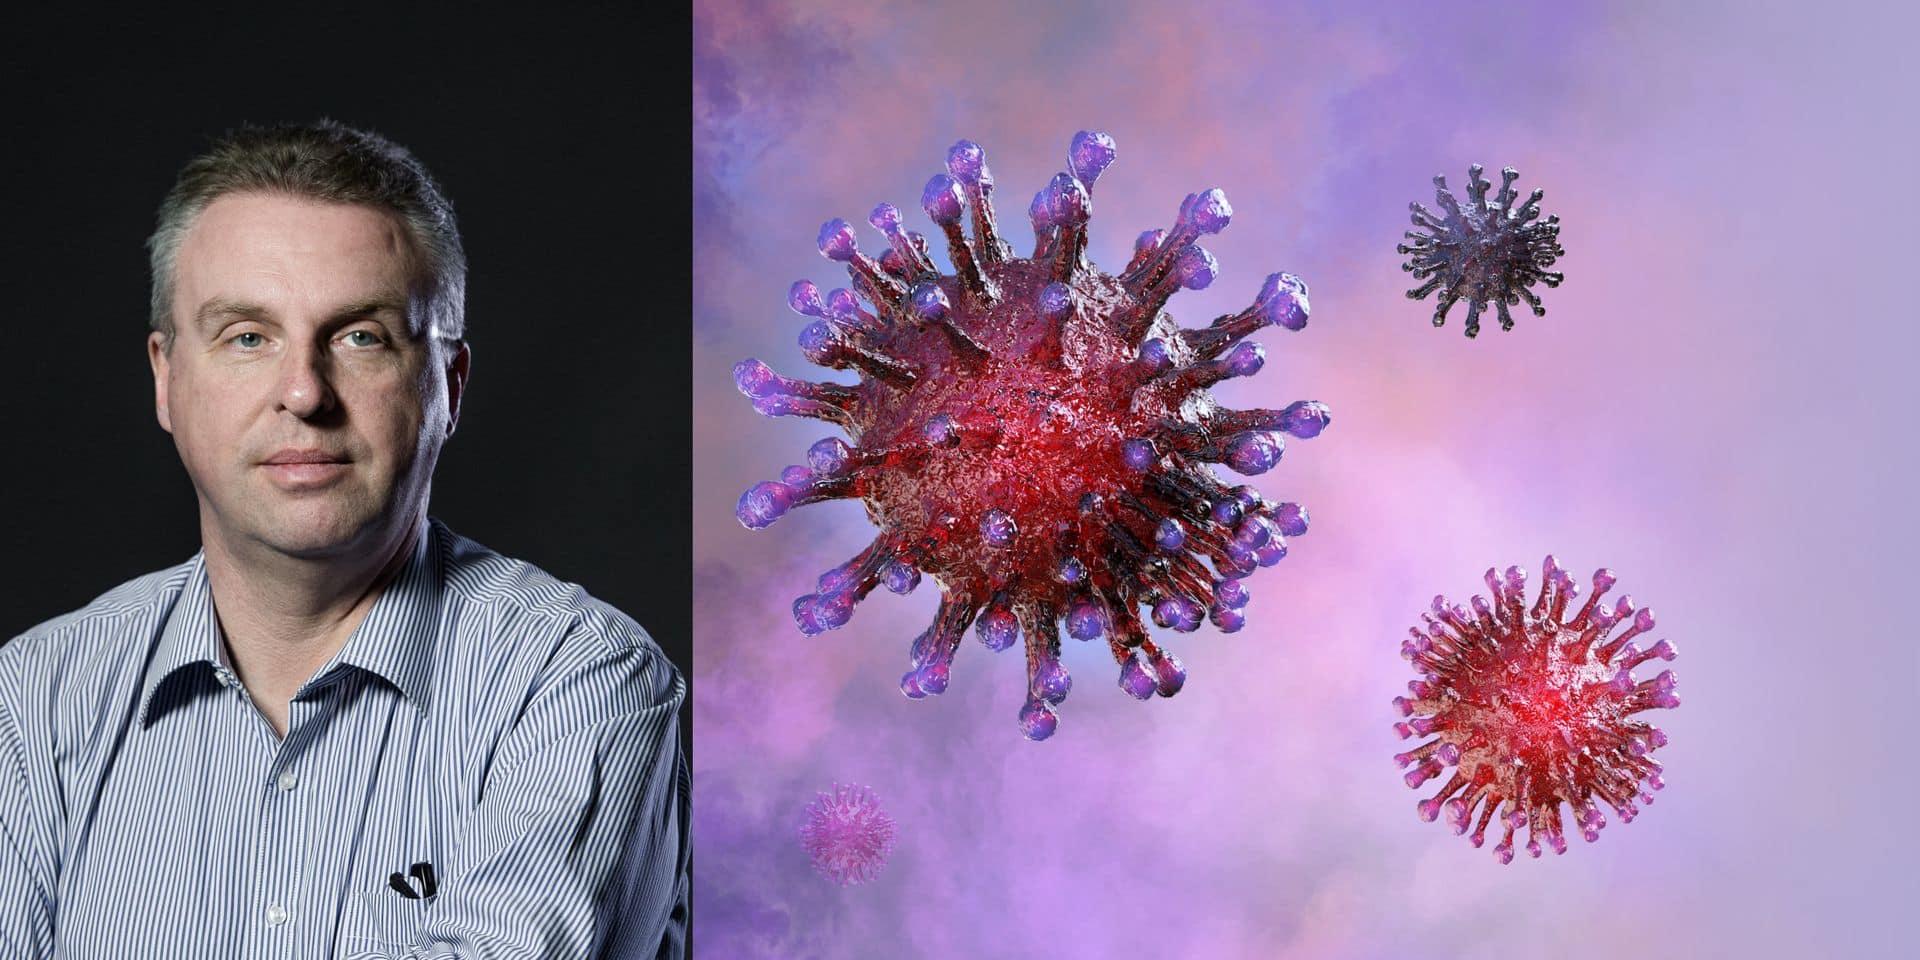 Un an après son apparition, le mystère de l'origine du virus reste entier